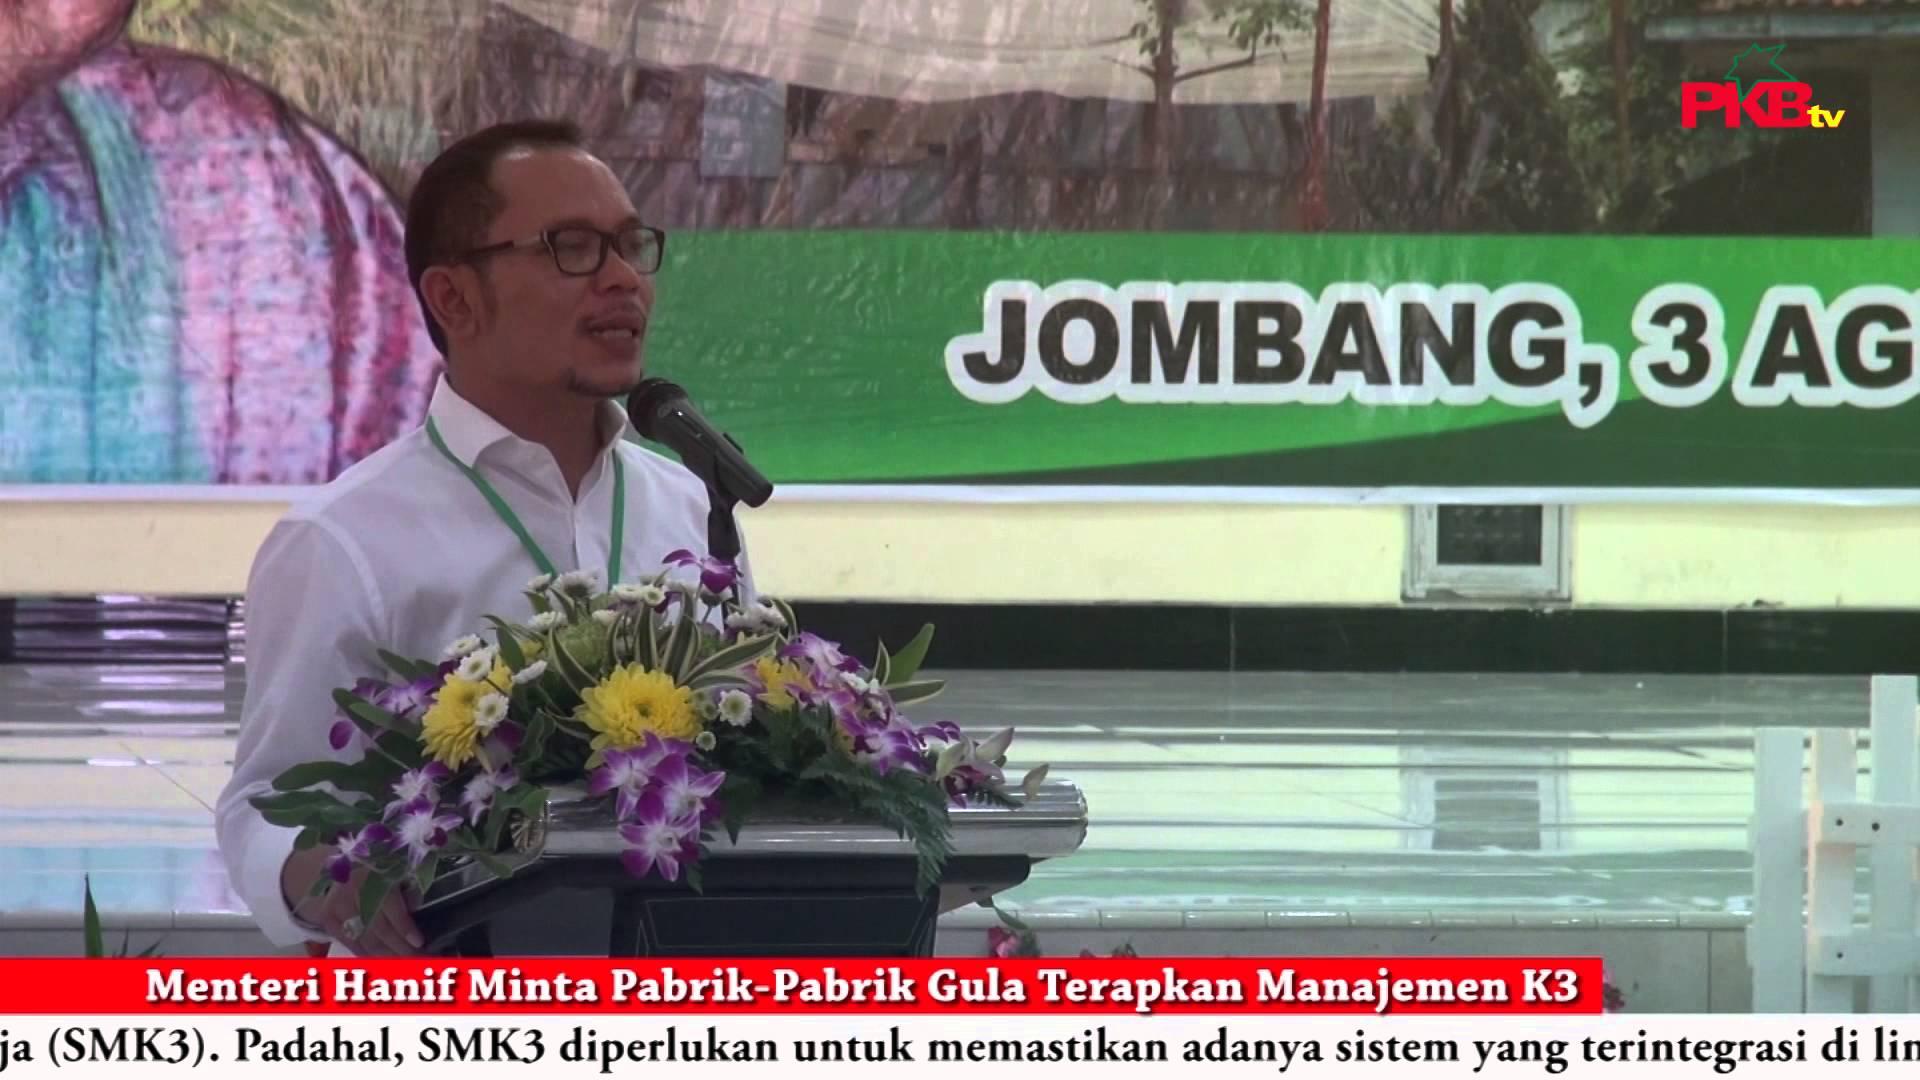 Menteri Hanif Minta Pabrik – Pabrik Gula Terapkan Manajemen K3